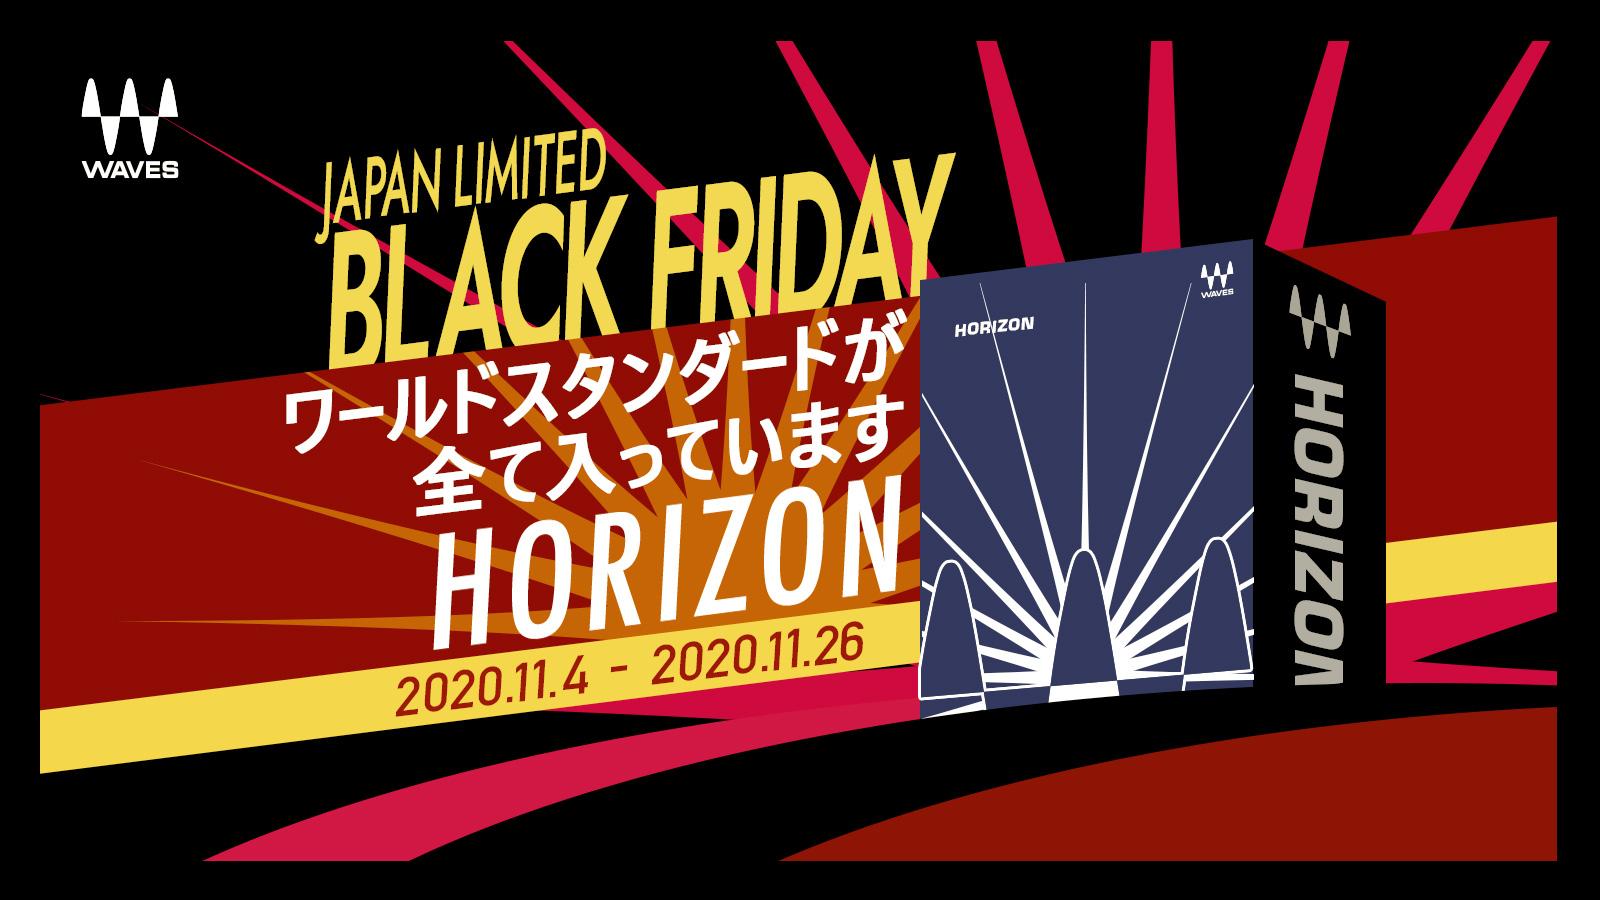 【日本限定】スタジオ標準バンドル Waves Horizon が30,000円!アップグレードも特価